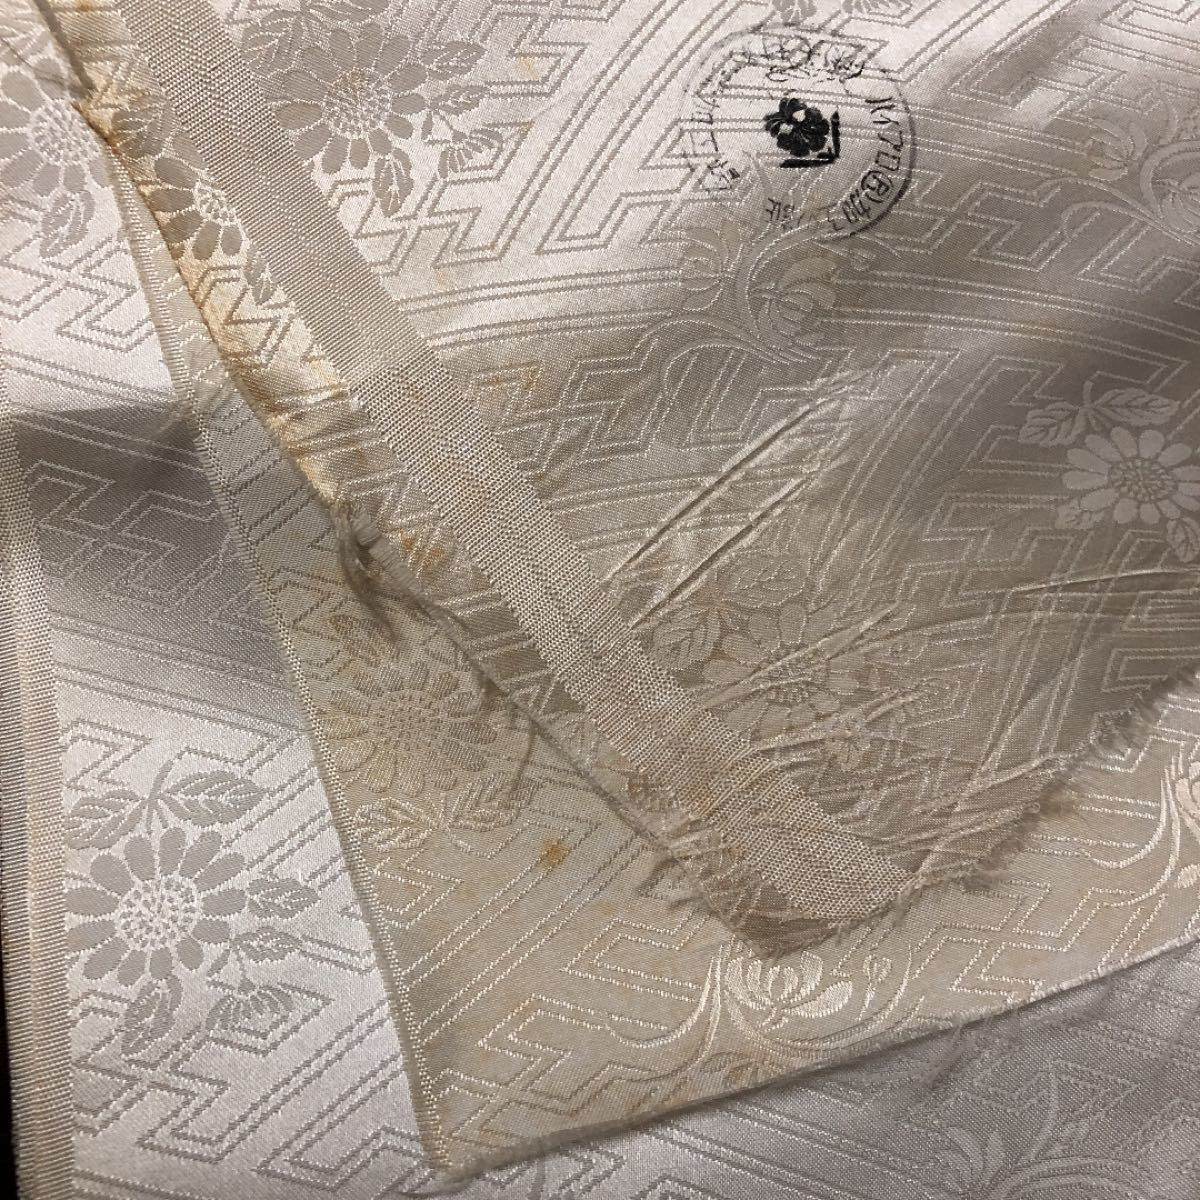 着物 長襦袢 裏地生地 リメイク 和装小物 インテリア お人形の着物等にリメイク ハンドメイド素材 つまみ細工 パッチワーク